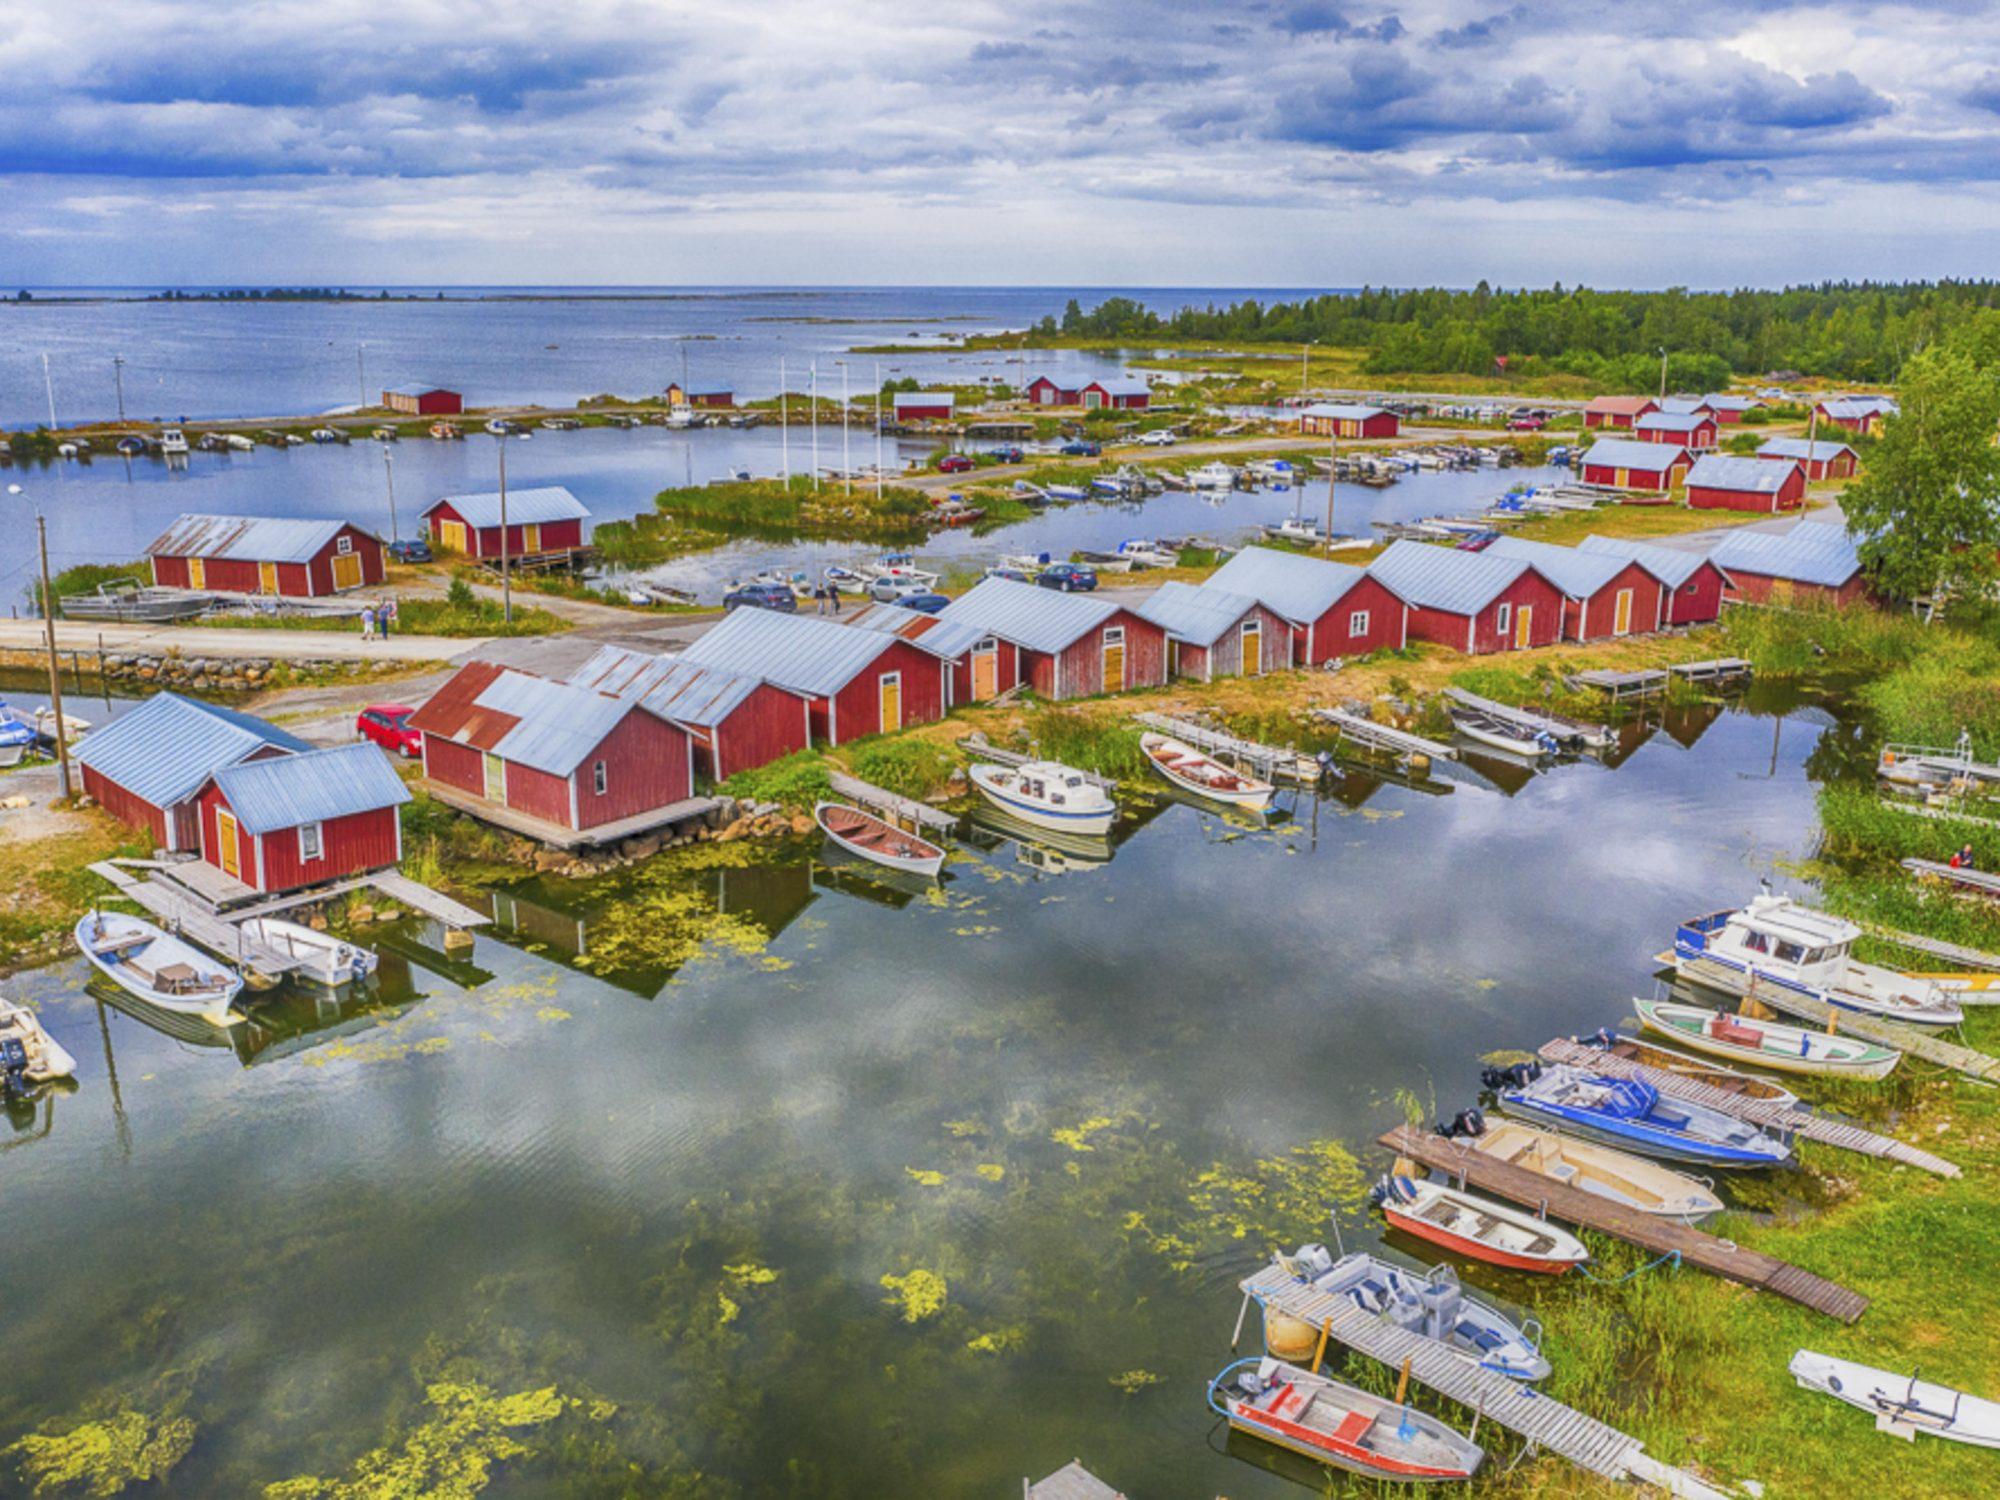 Finnland, Westküste, Varsinais-Soumi, Svedjehamm, Road Trip durch die Schärenlandschaft des Kvarken, Kvarken Archipelago, Fischerhäuser im Schärenmeer. Unesco Welterbe durch ihre einzigartige, geomorphologische Erscheinung. Das Land erhbebt sich hier um 8-8,5 mm pro Jahr.